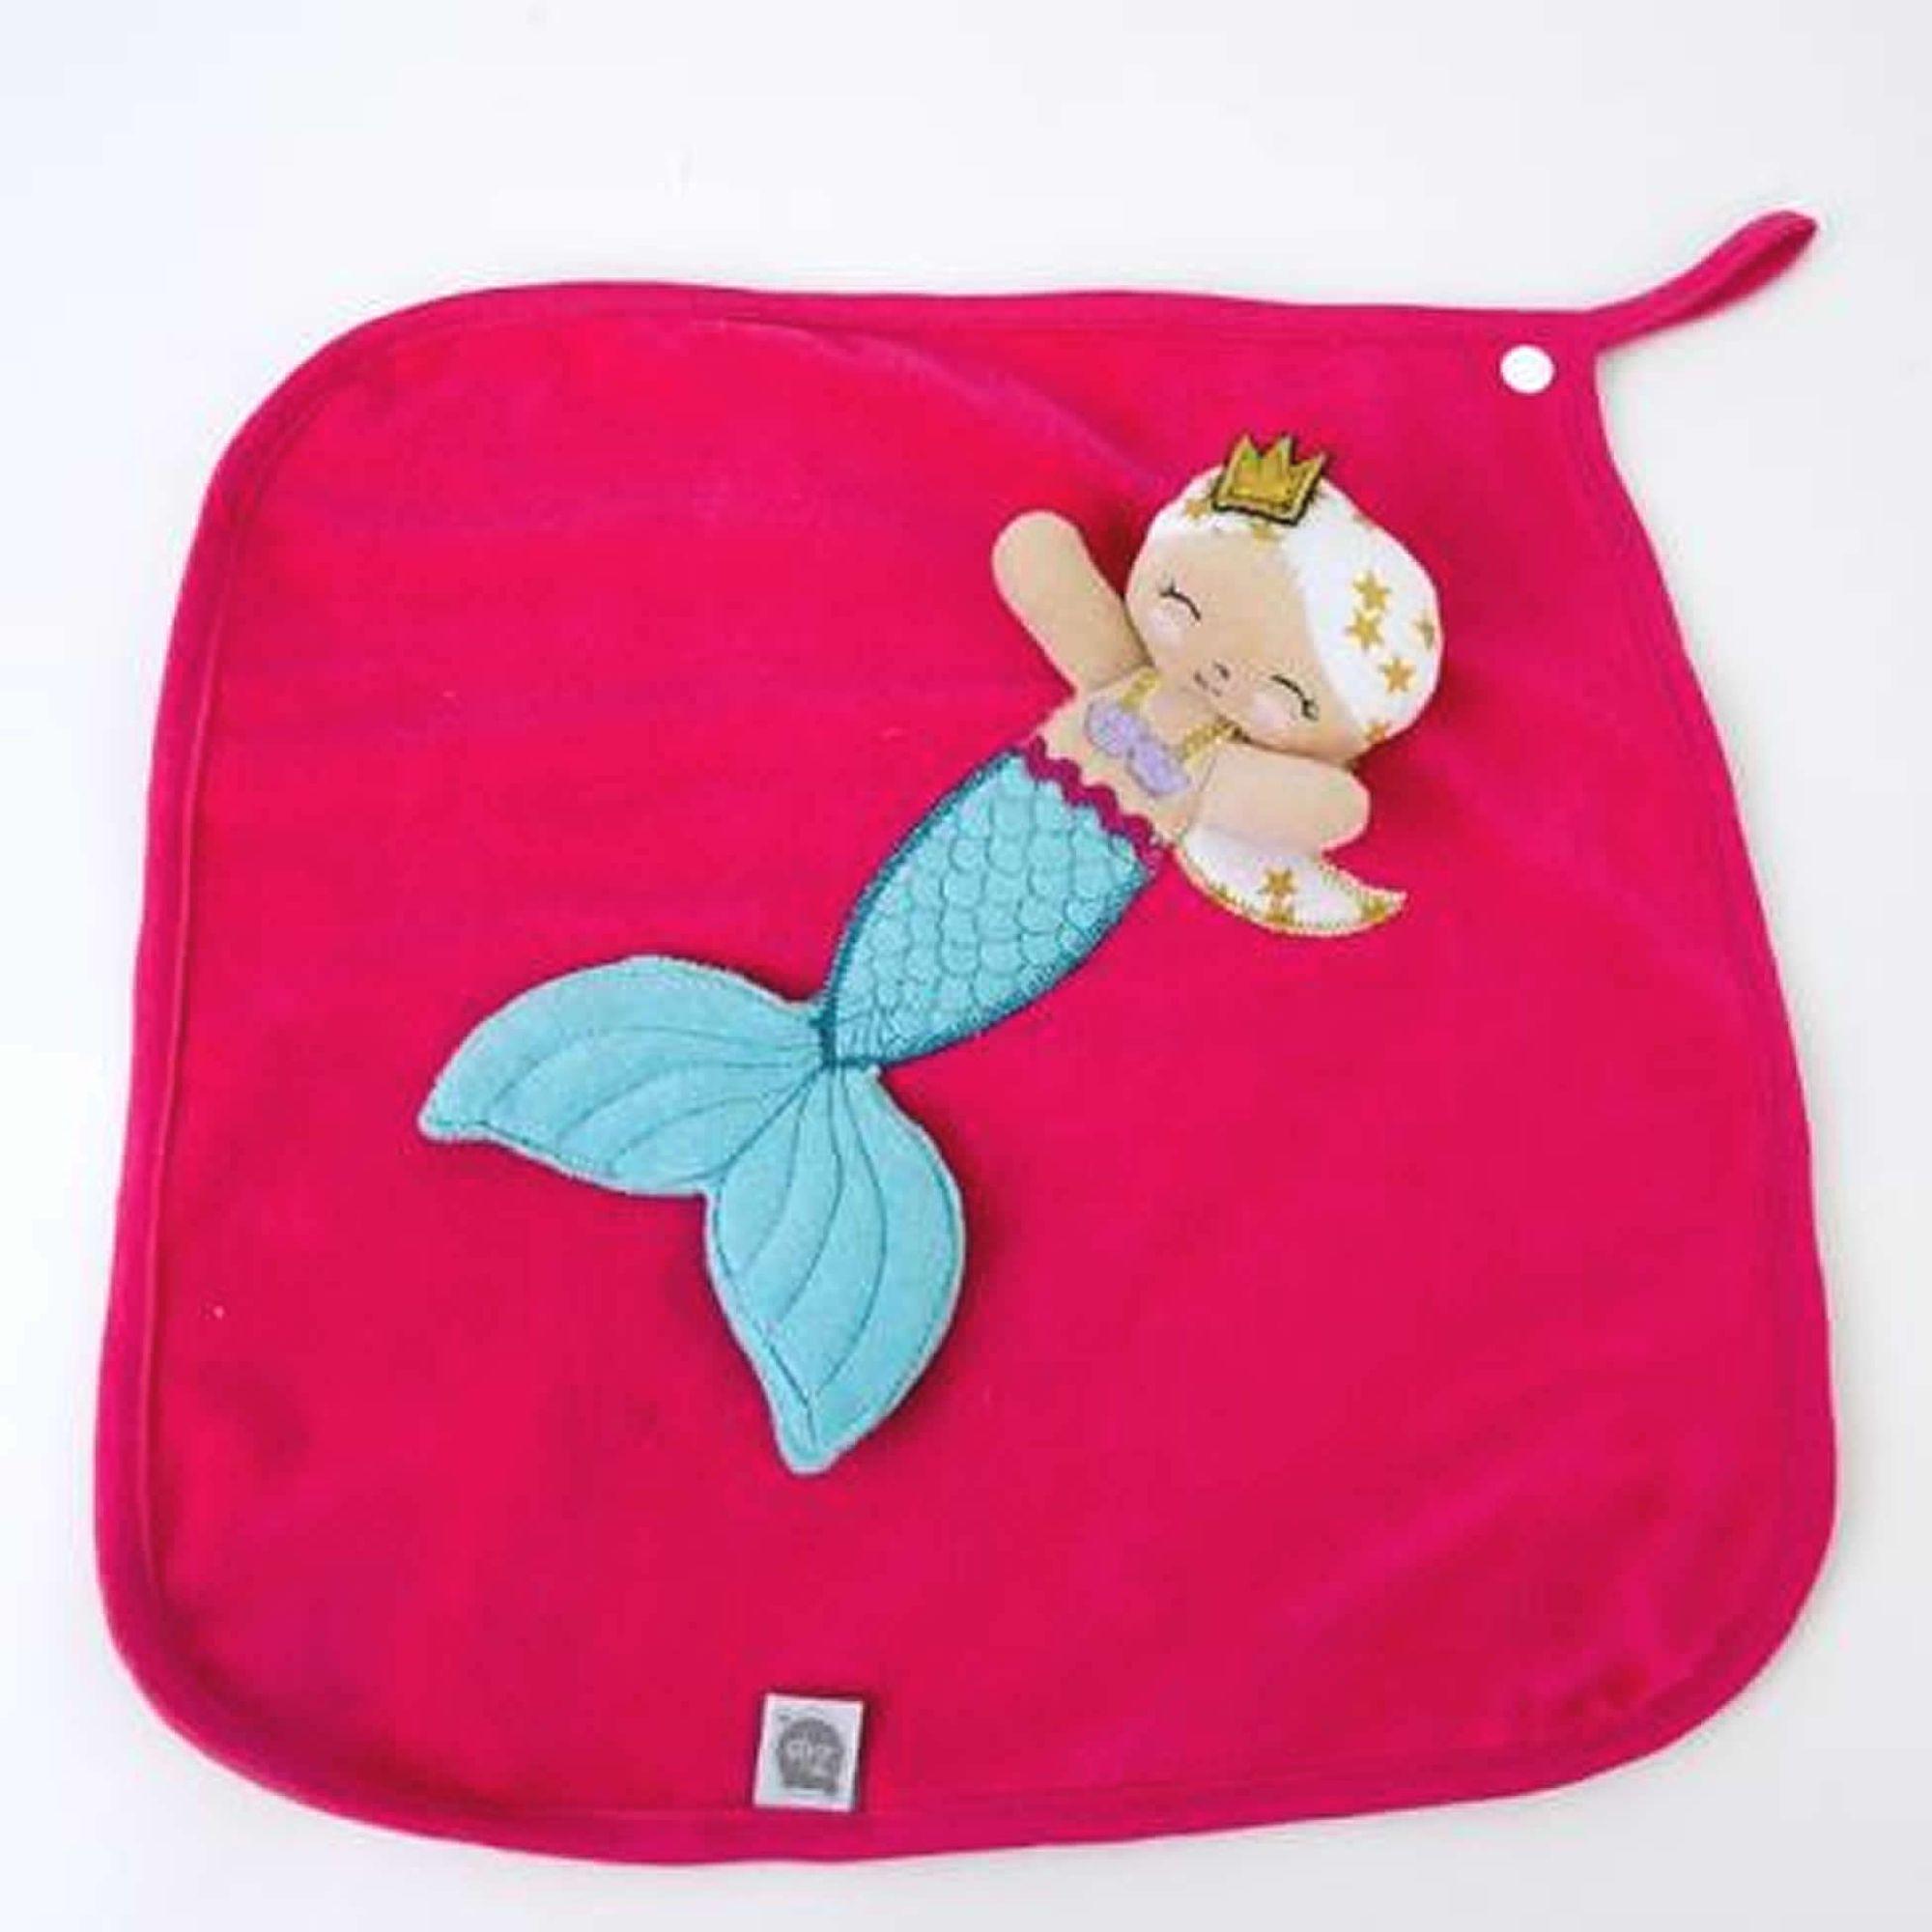 Naninha-Cetim-Sereia-Pink-Bordada-com-Prendedor-de-Chupeta-Zip-Toys